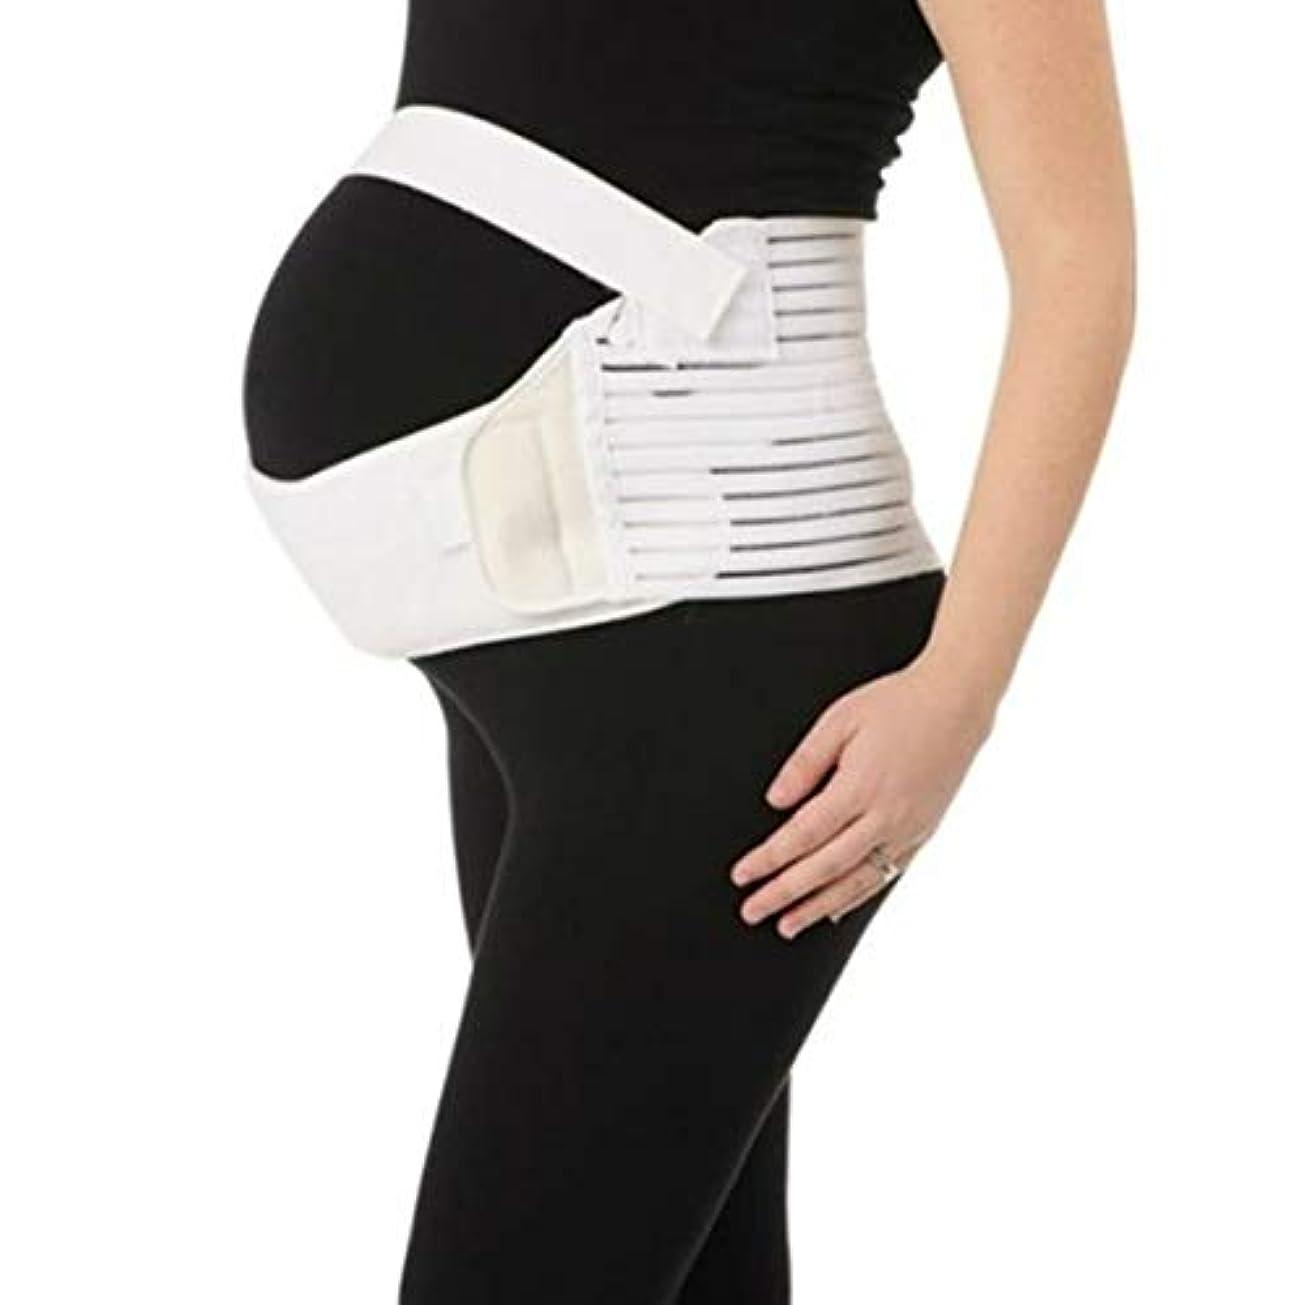 寝具魔術血通気性マタニティベルト妊娠腹部サポート腹部バインダーガードル運動包帯産後の回復shapewear - ホワイトL